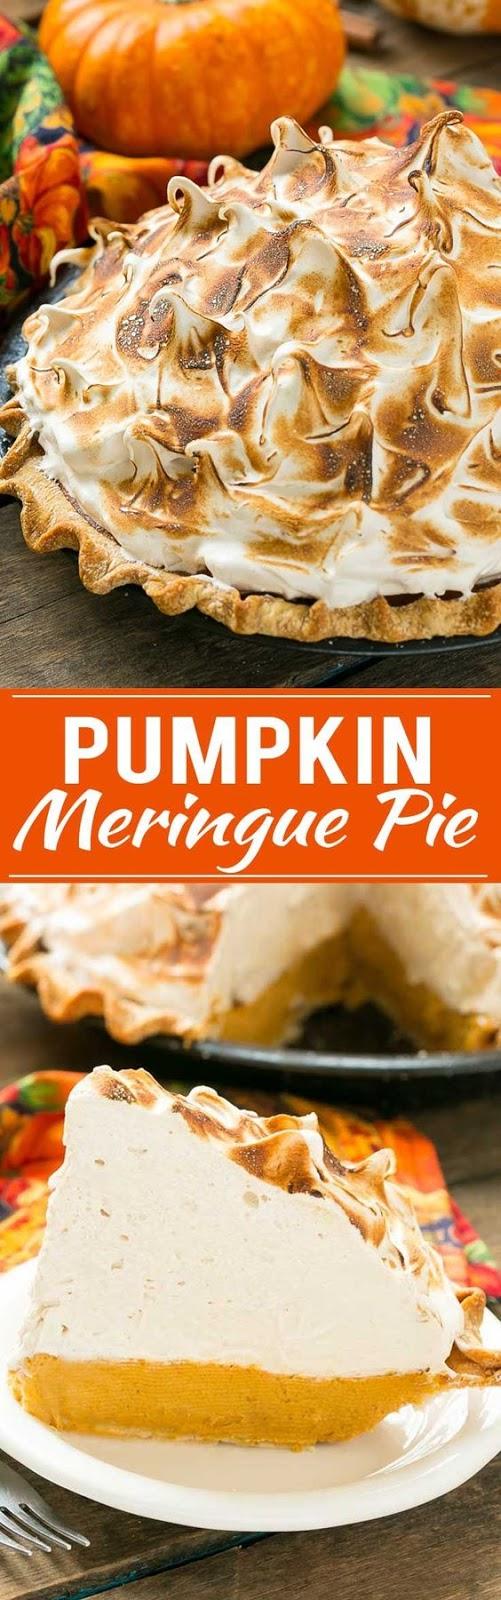 Pumpkin Meringue Pie   CUCINA DE YUNG